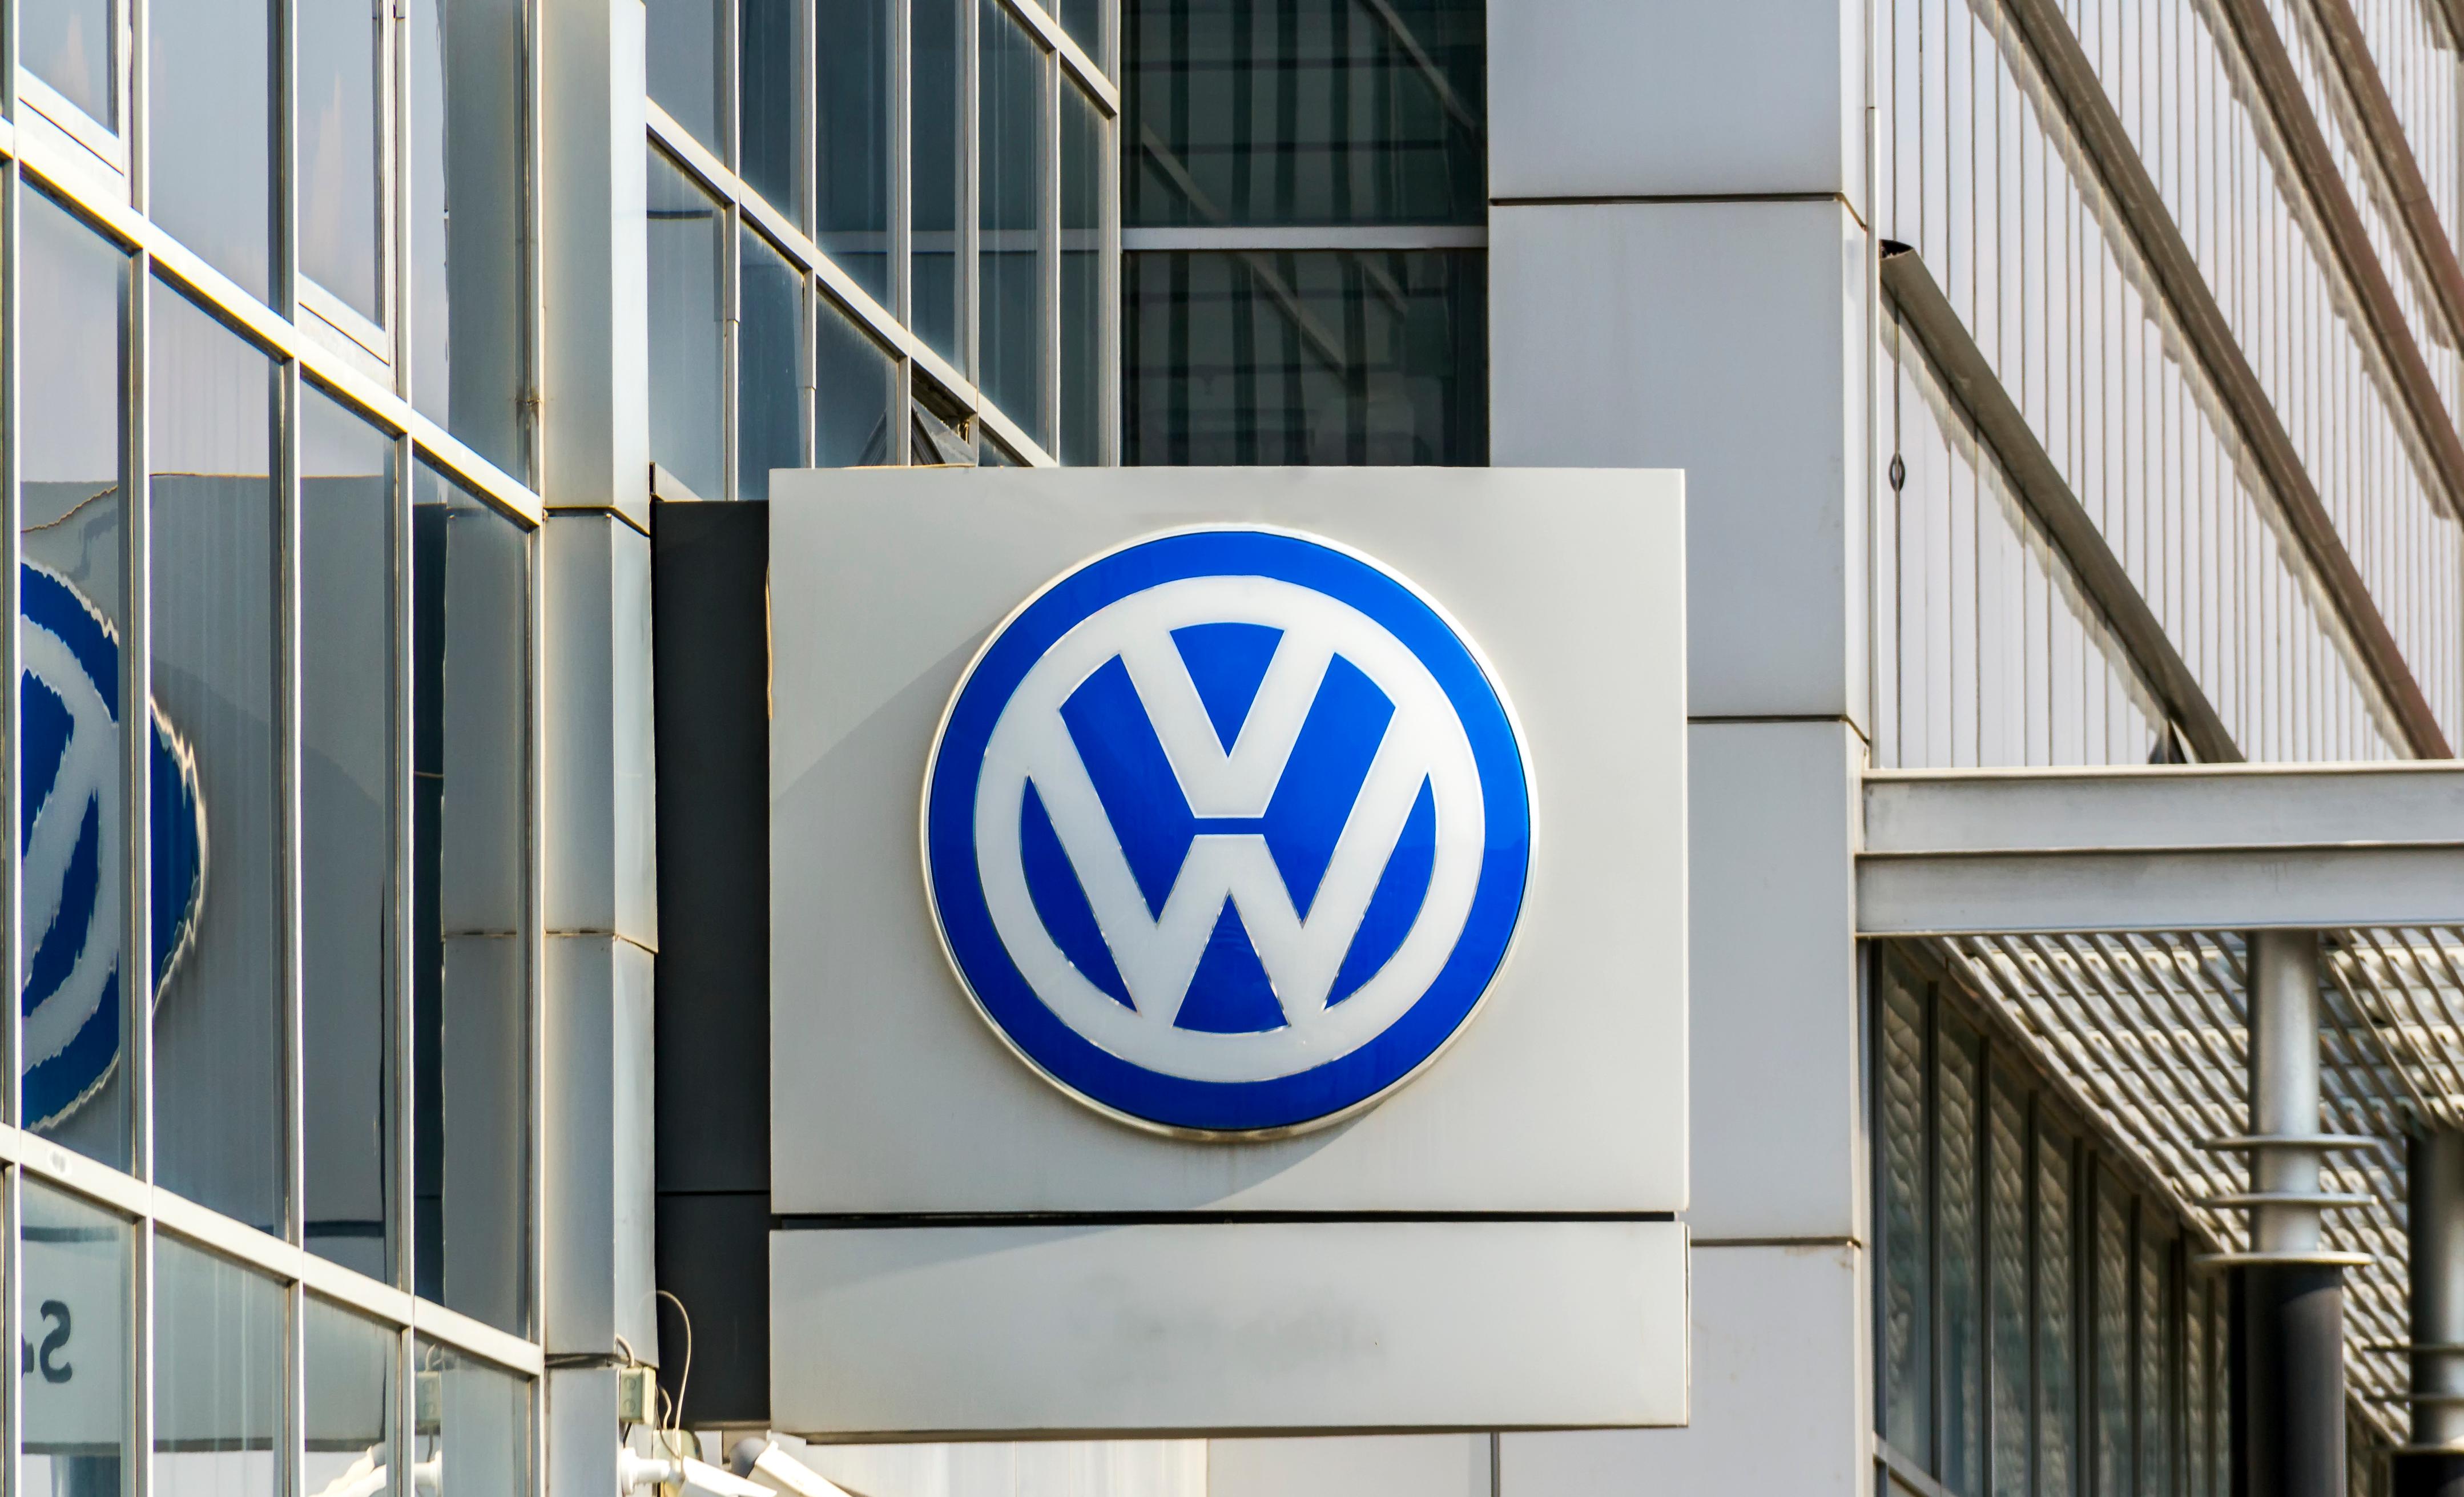 Volkswagen vrea sa renunte la unele marci din portofoliul grupului, in paralel cu concedieri